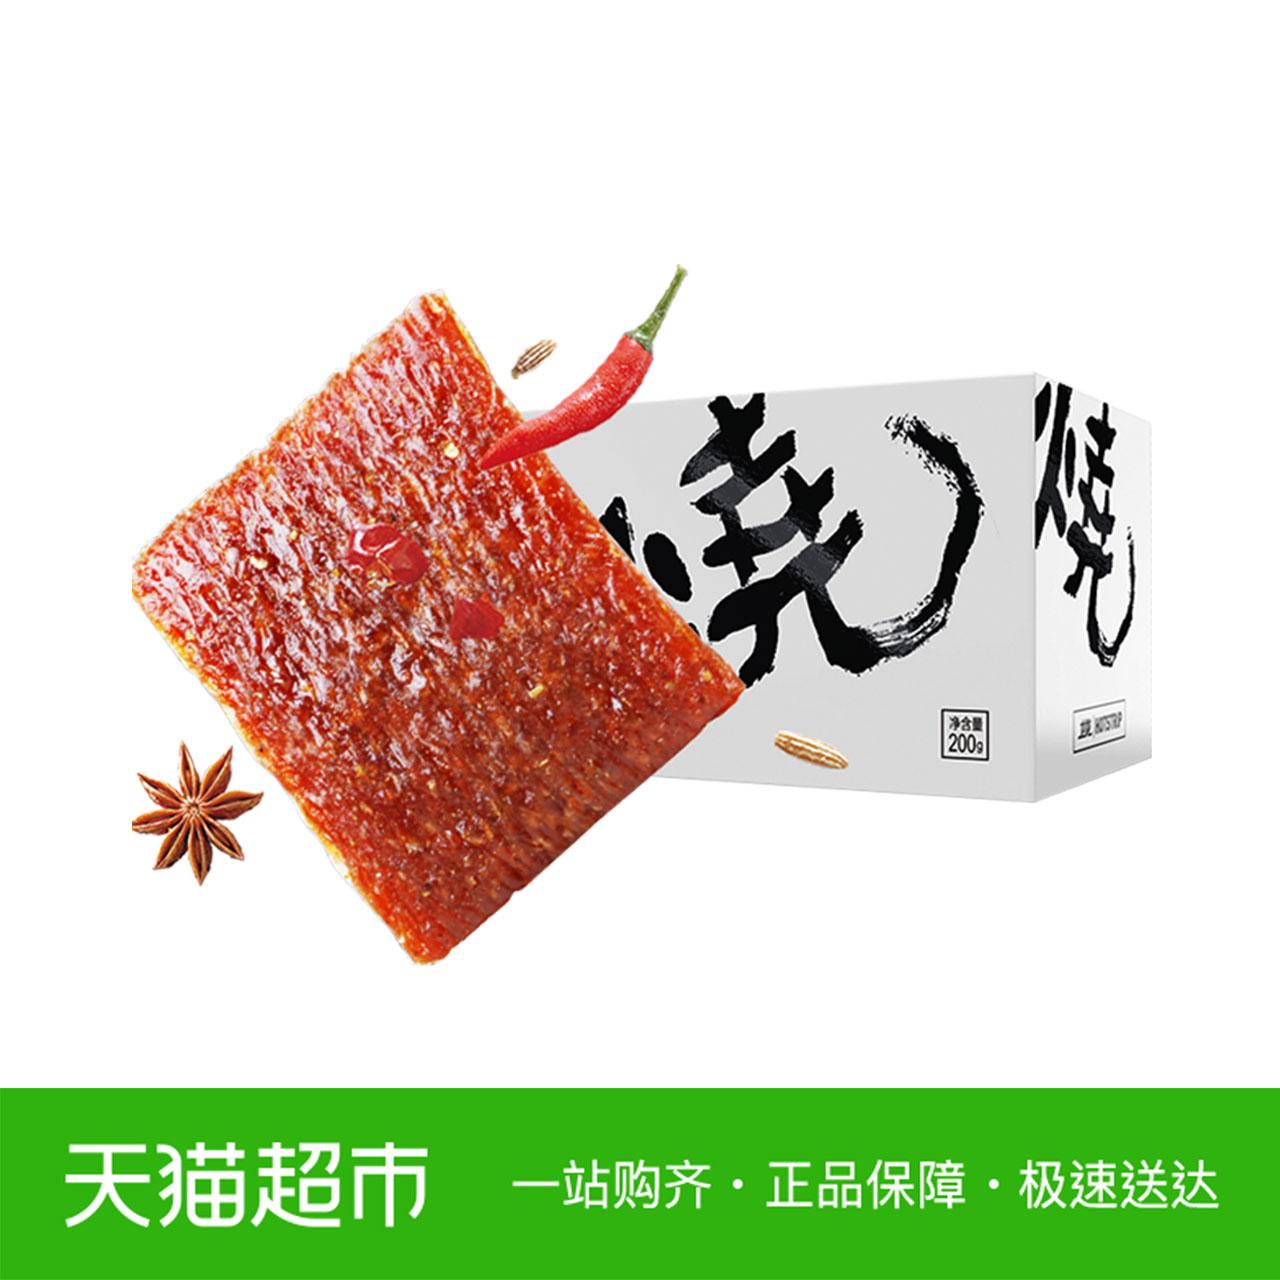 卫龙辣条亲嘴烧香辣味200g网红小吃儿时湖南重庆特产麻辣零食小吃